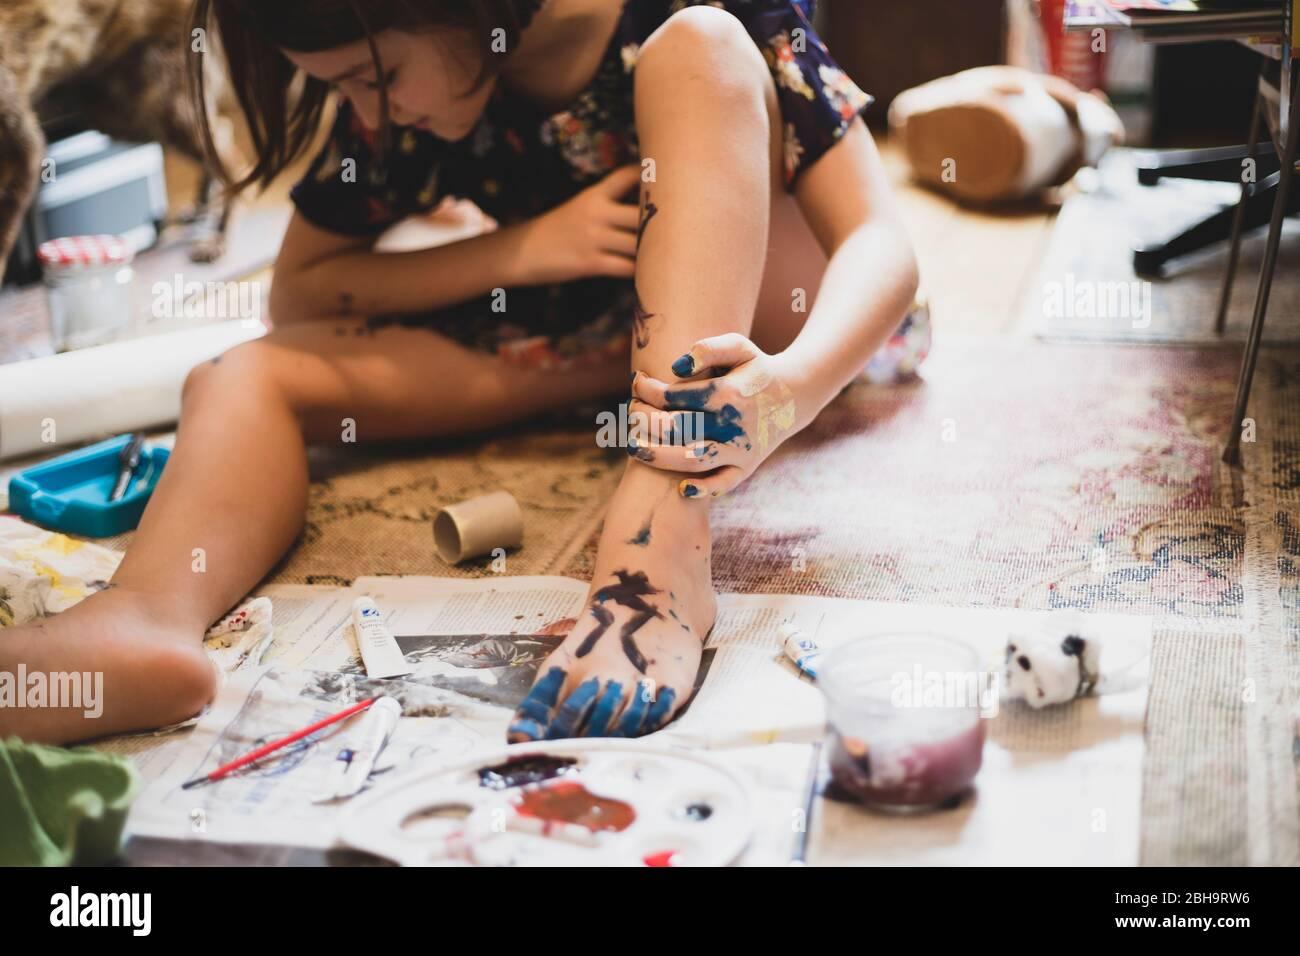 Niña jugando en casa y pintando su pie y mano. Foto de stock